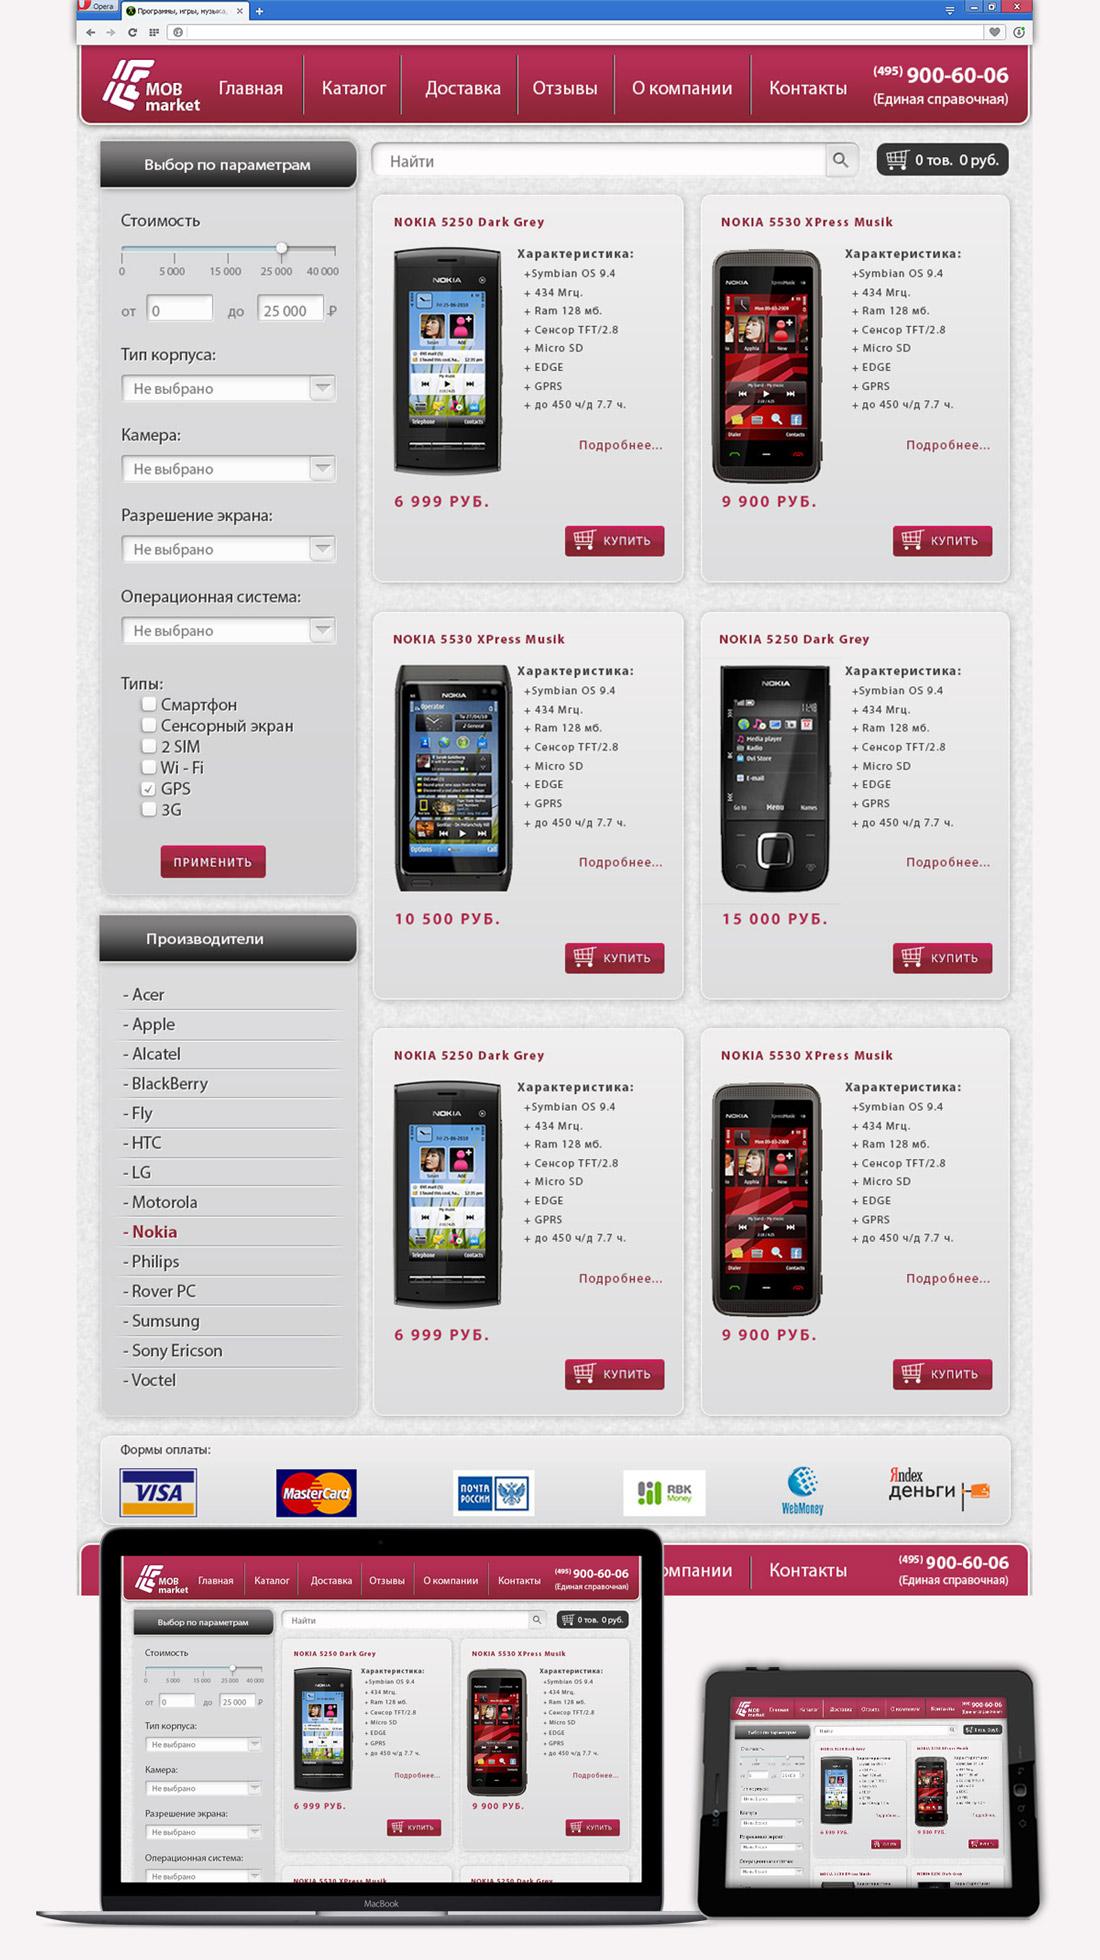 233ba3e19bdc4 Дизайн сайта - интернет магазин сотовых телефонов. - Фрилансер ...